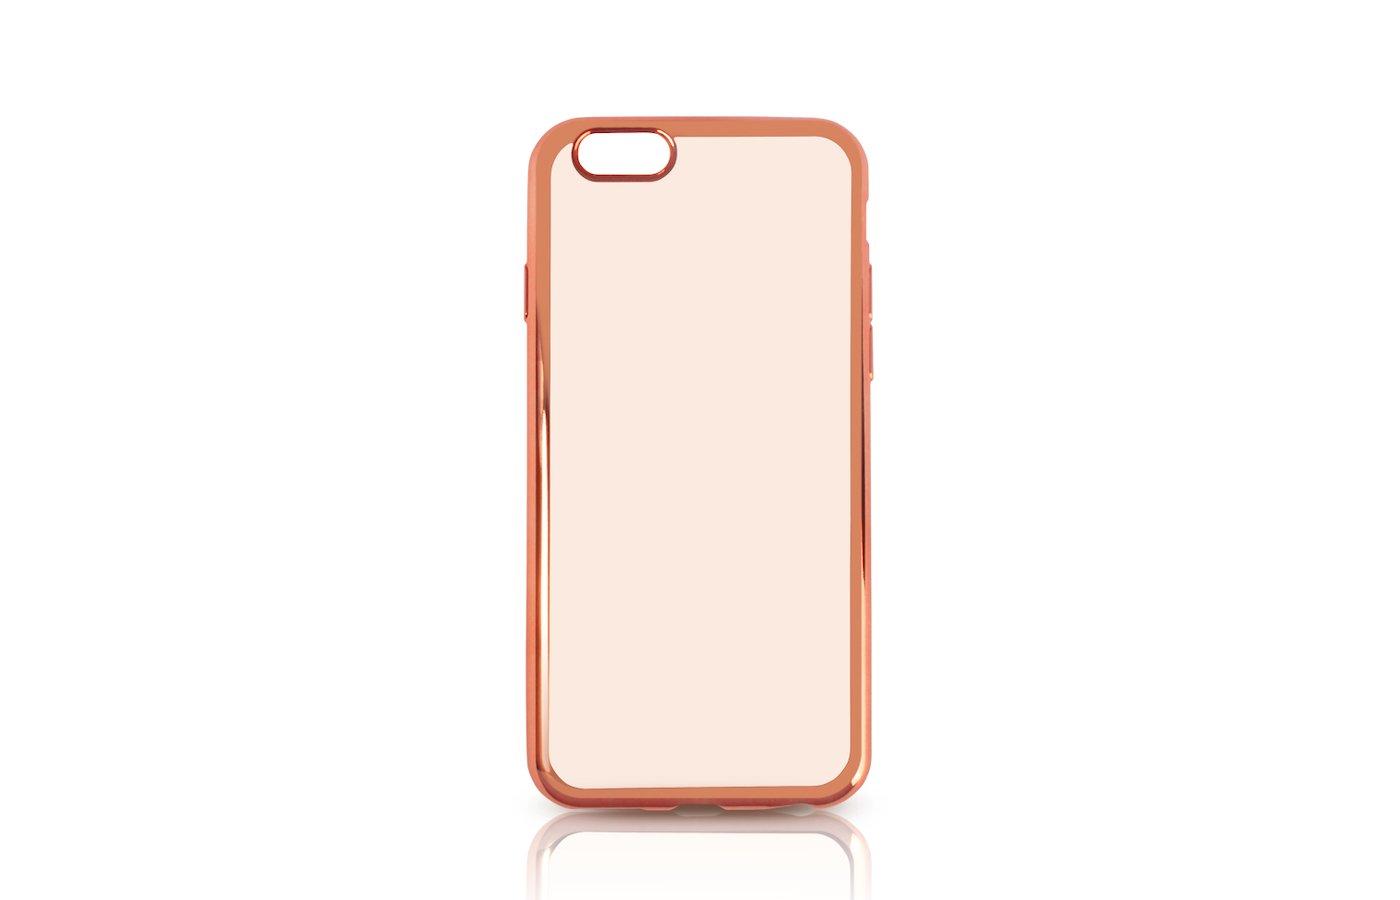 Чехол DF для iPhone 6/6S (iCase-02) rose gold с рамкой